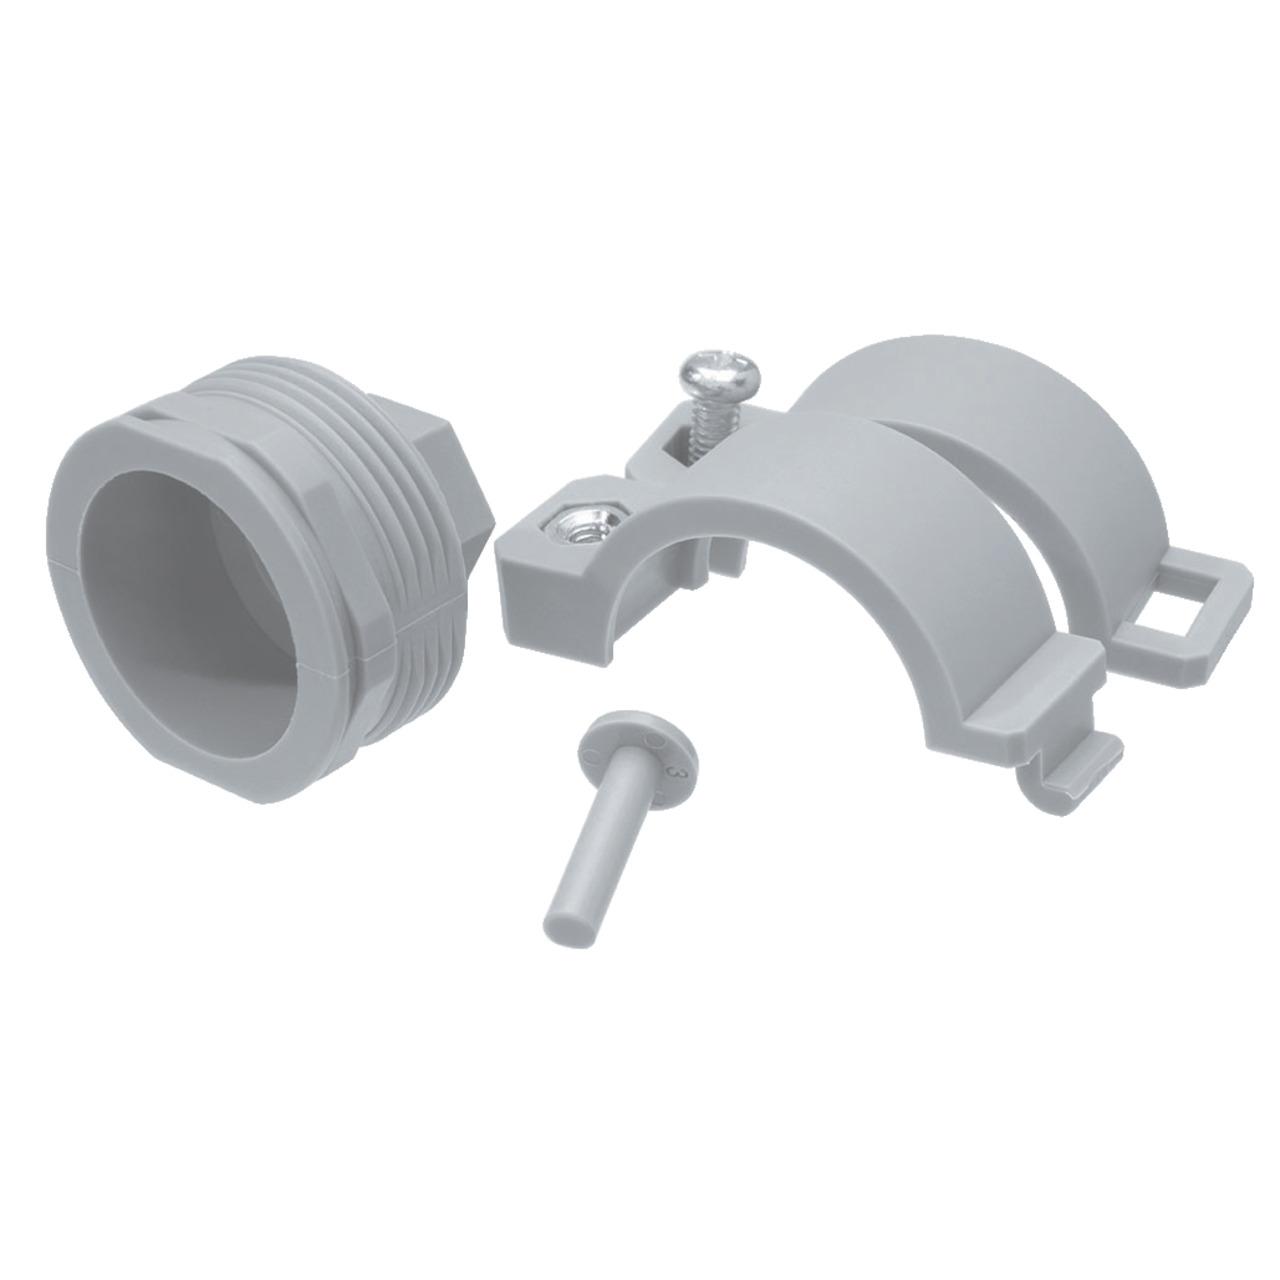 Adapter für Heizungsventil Vaillant 30-5 mm (Kunststoff)